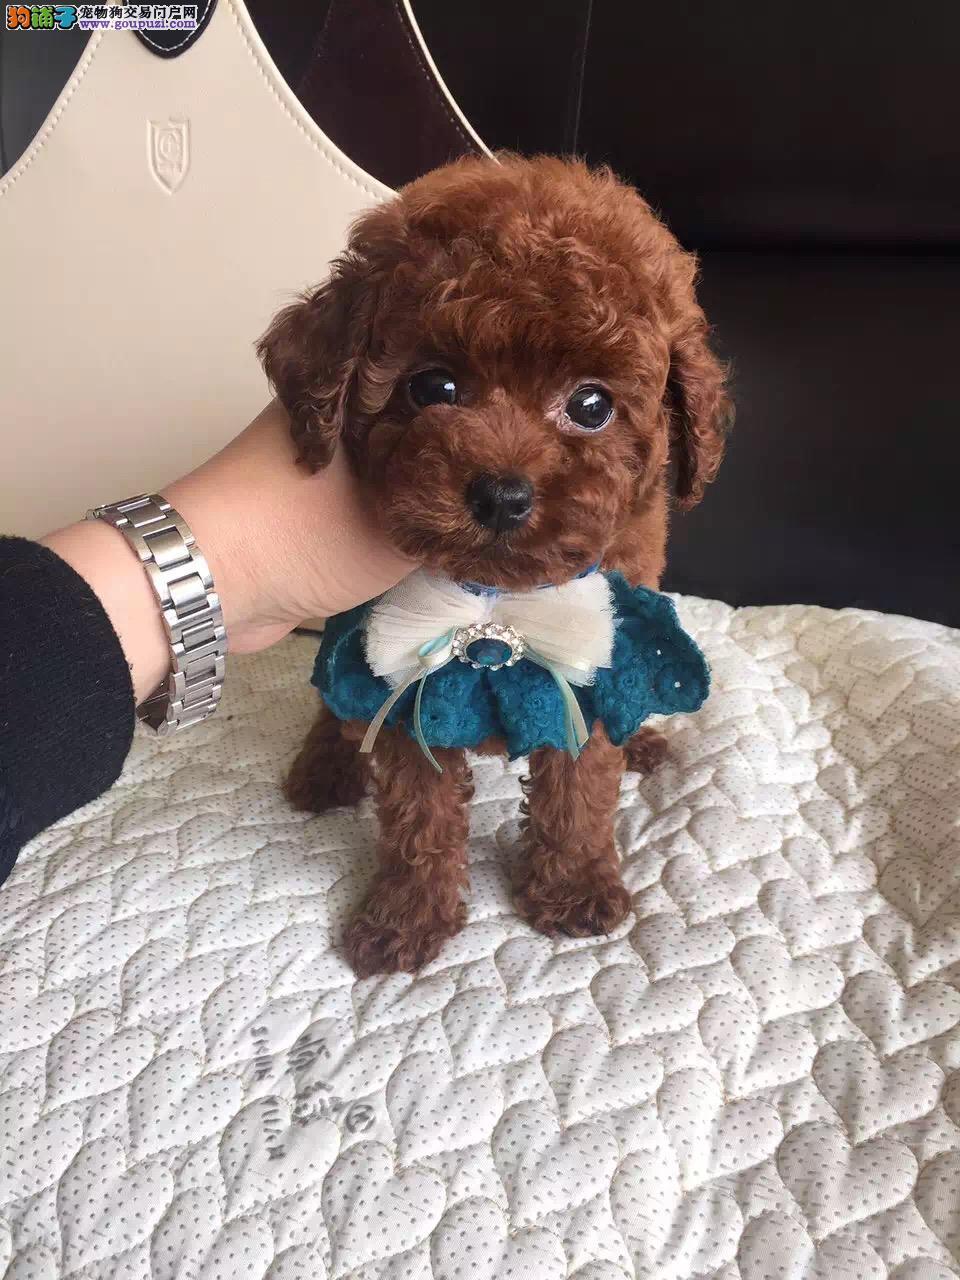 合肥最大犬舍出售纯种泰迪犬 包纯种包养活可上门自提